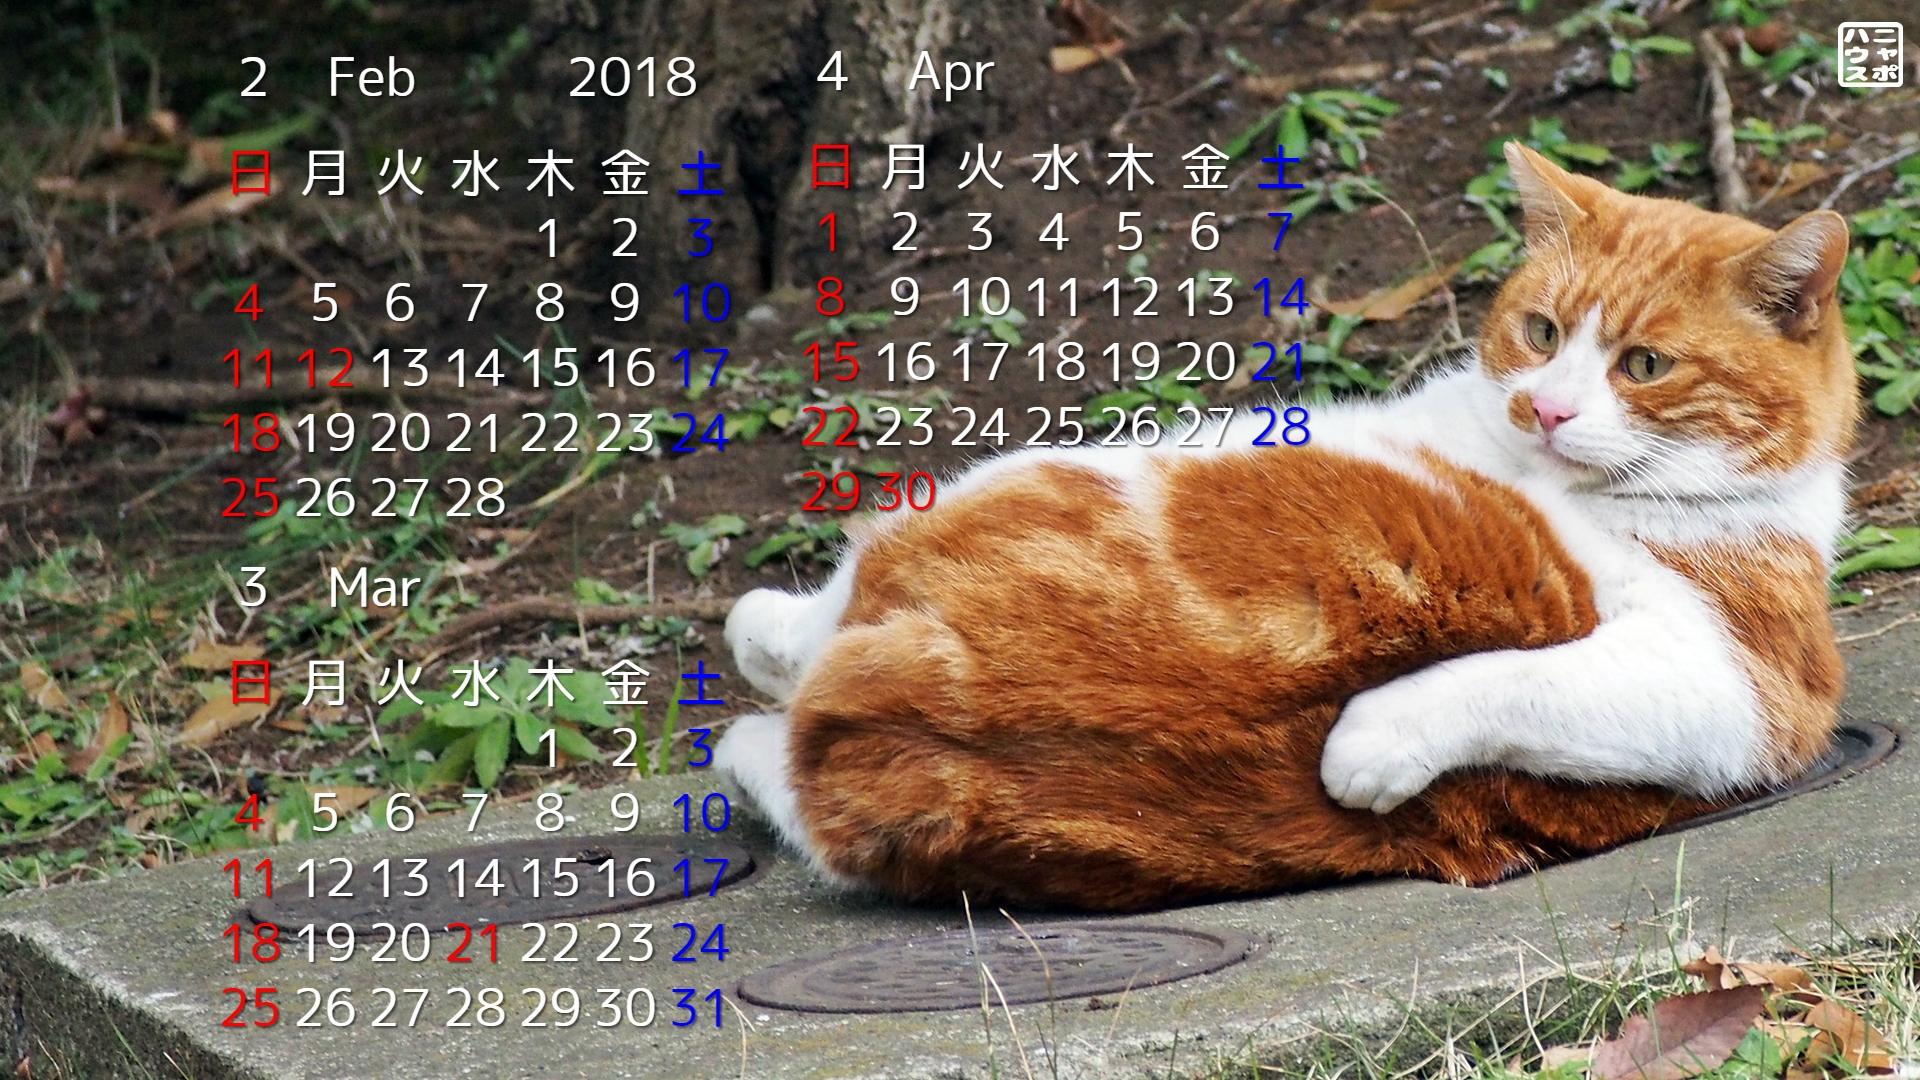 2018年2 4月の猫デスクトップカレンダー おデブなチャトラ猫さん